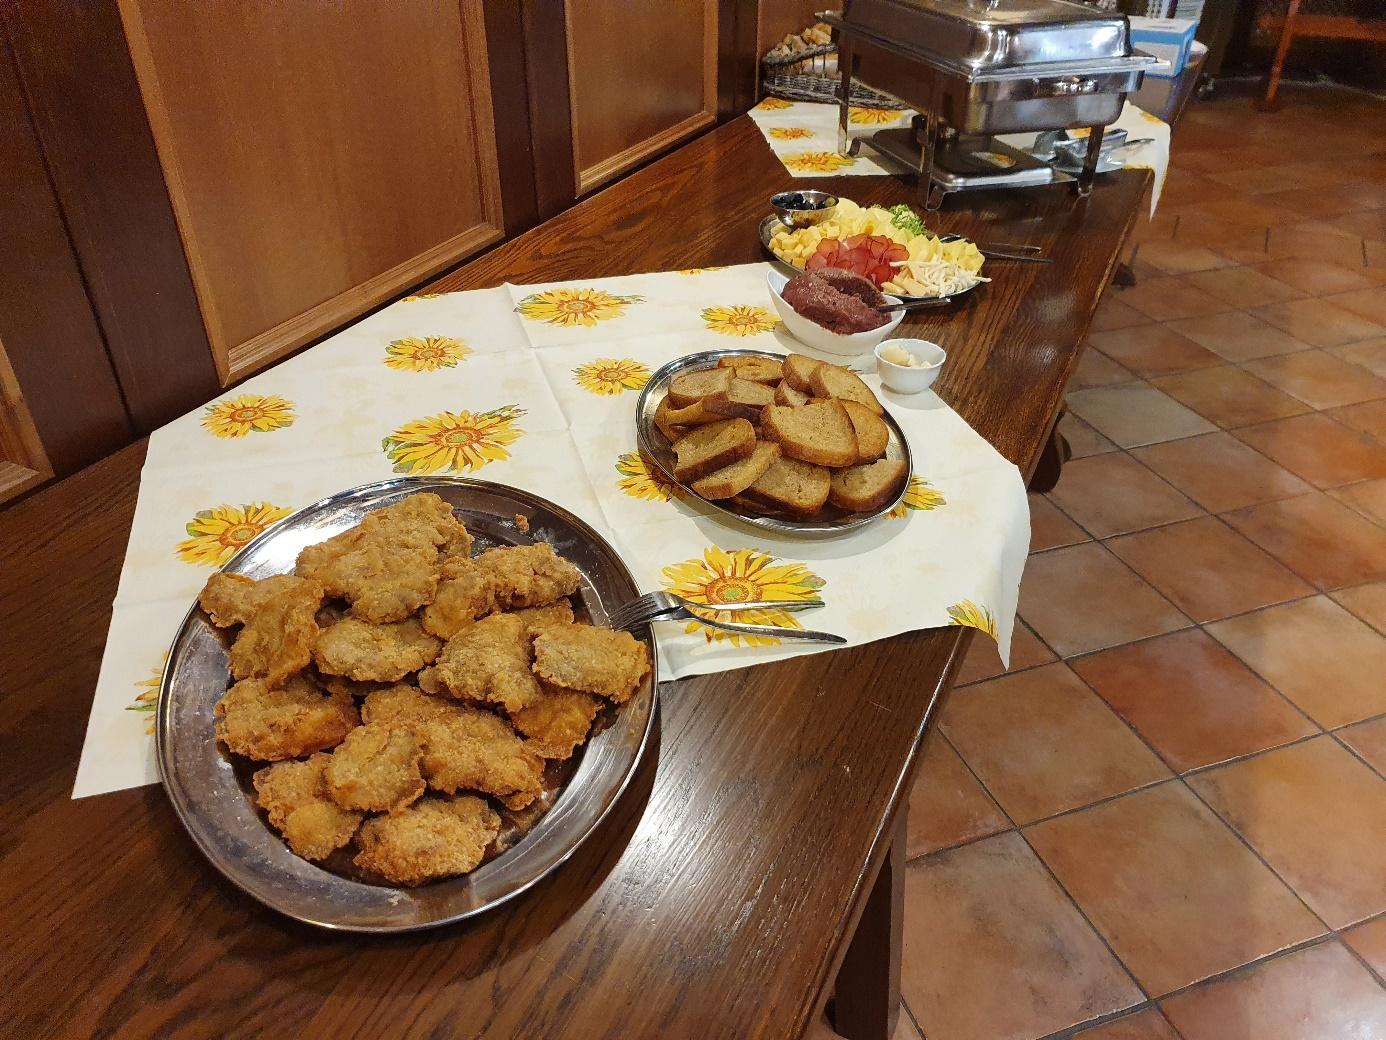 Obsah obrázku stůl, jídlo, talíř, interiér  Popis byl vytvořen automaticky